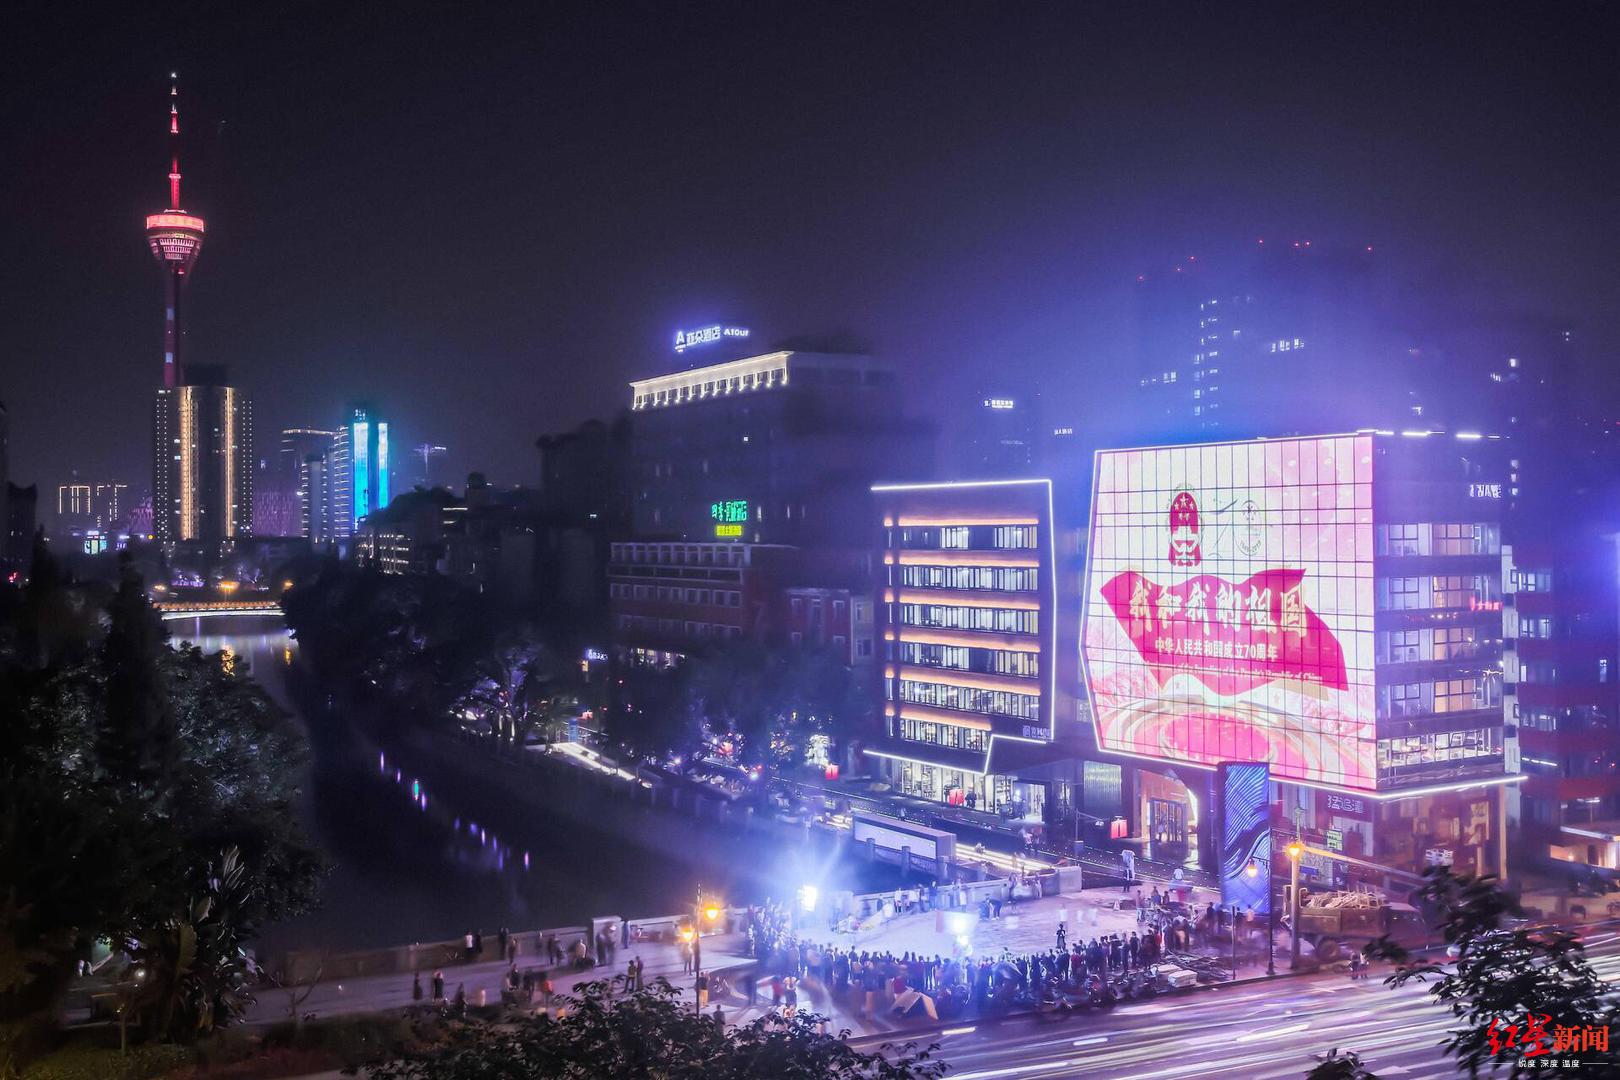 今年锦江公园怎么建? 打造6条滨水慢行街